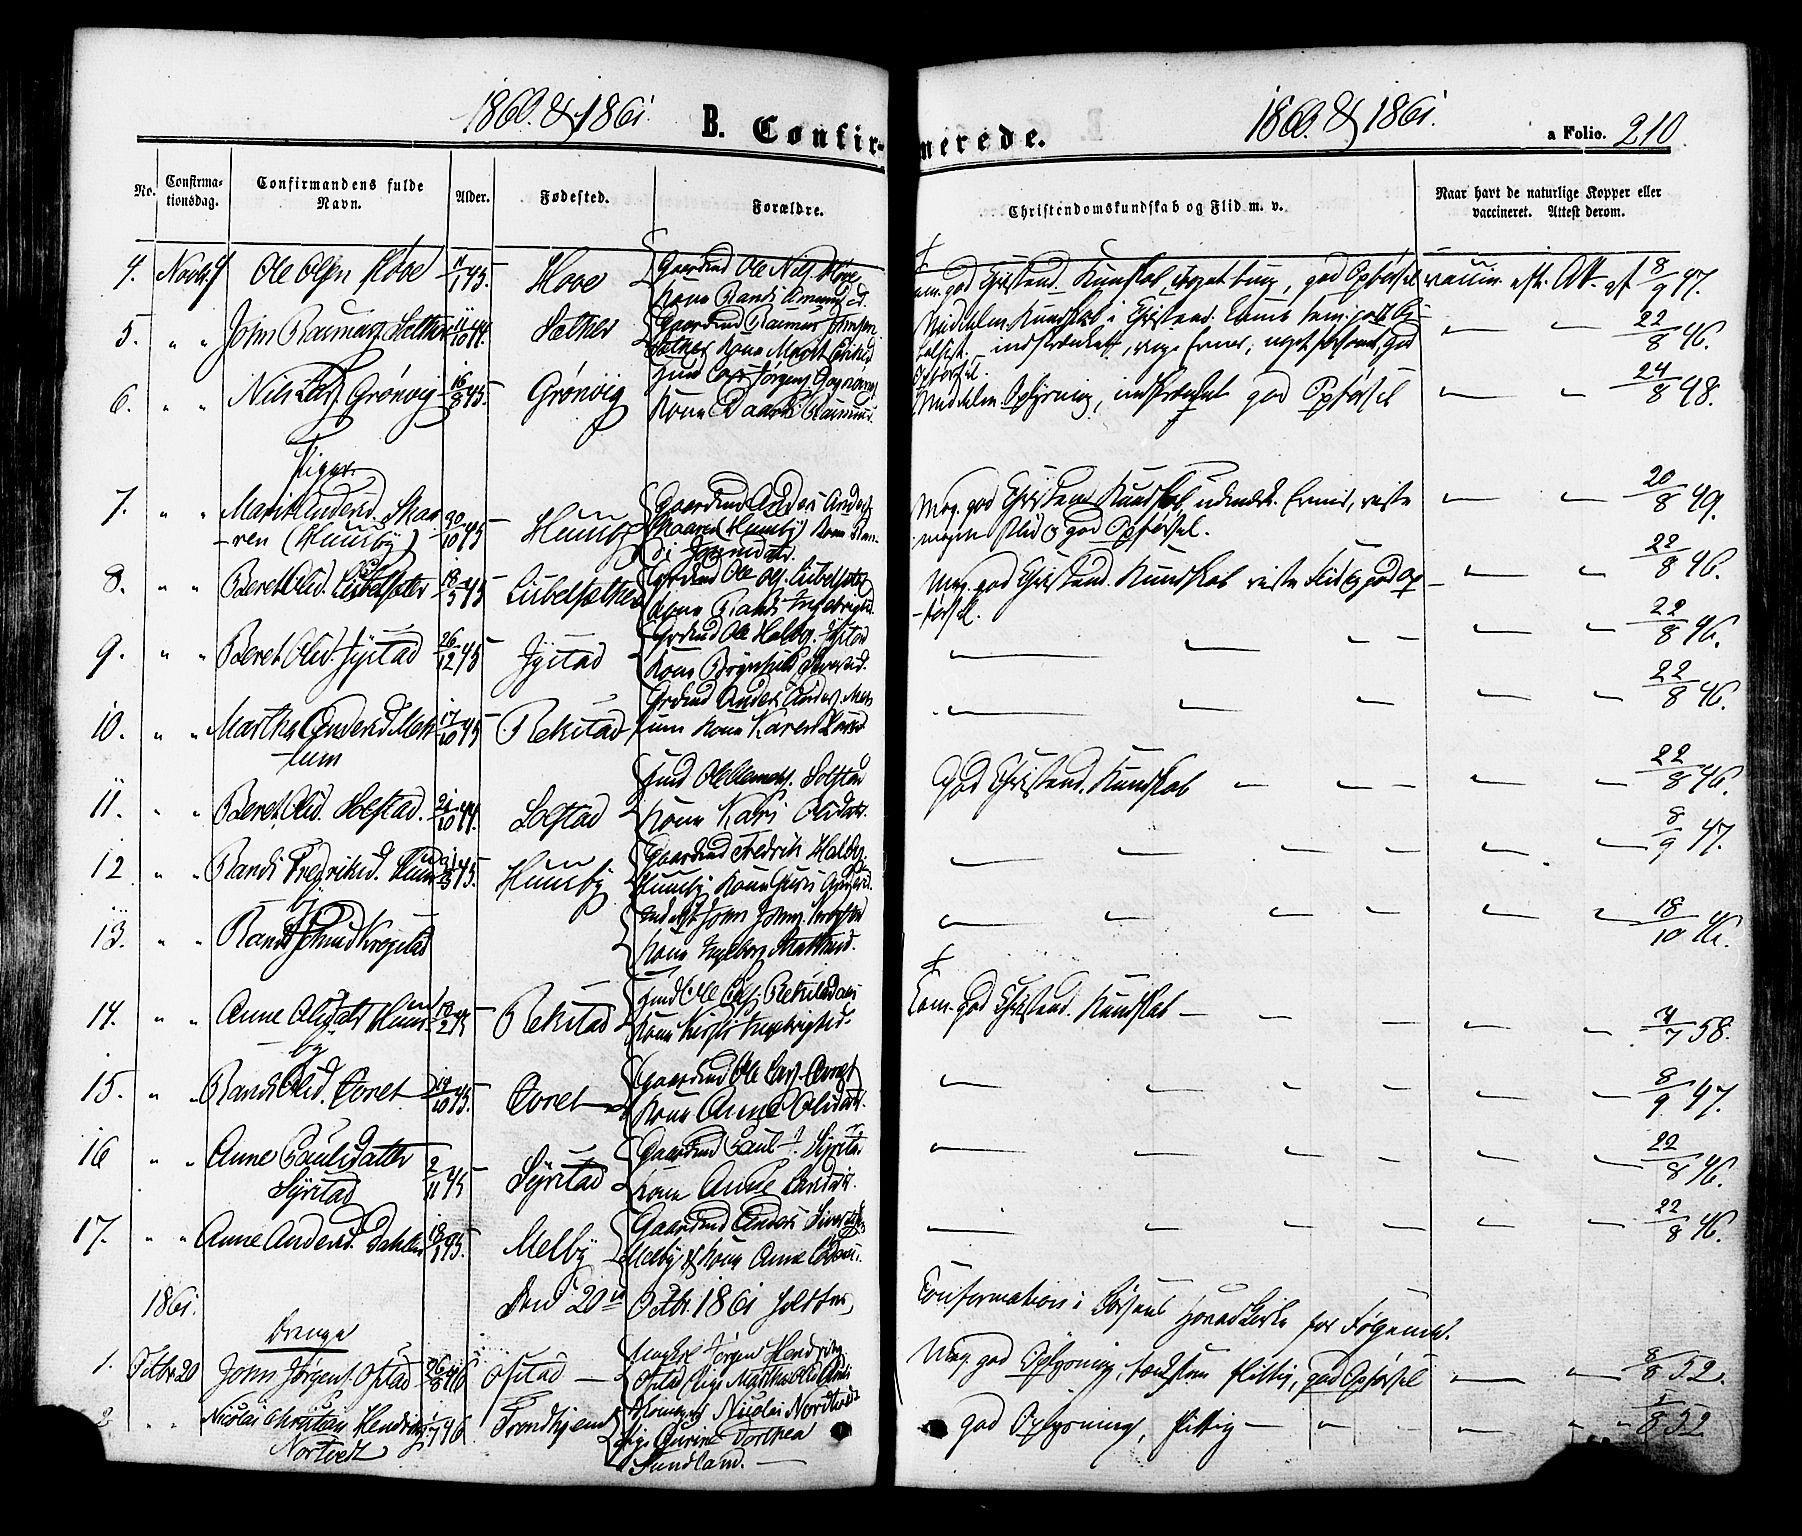 SAT, Ministerialprotokoller, klokkerbøker og fødselsregistre - Sør-Trøndelag, 665/L0772: Ministerialbok nr. 665A07, 1856-1878, s. 210